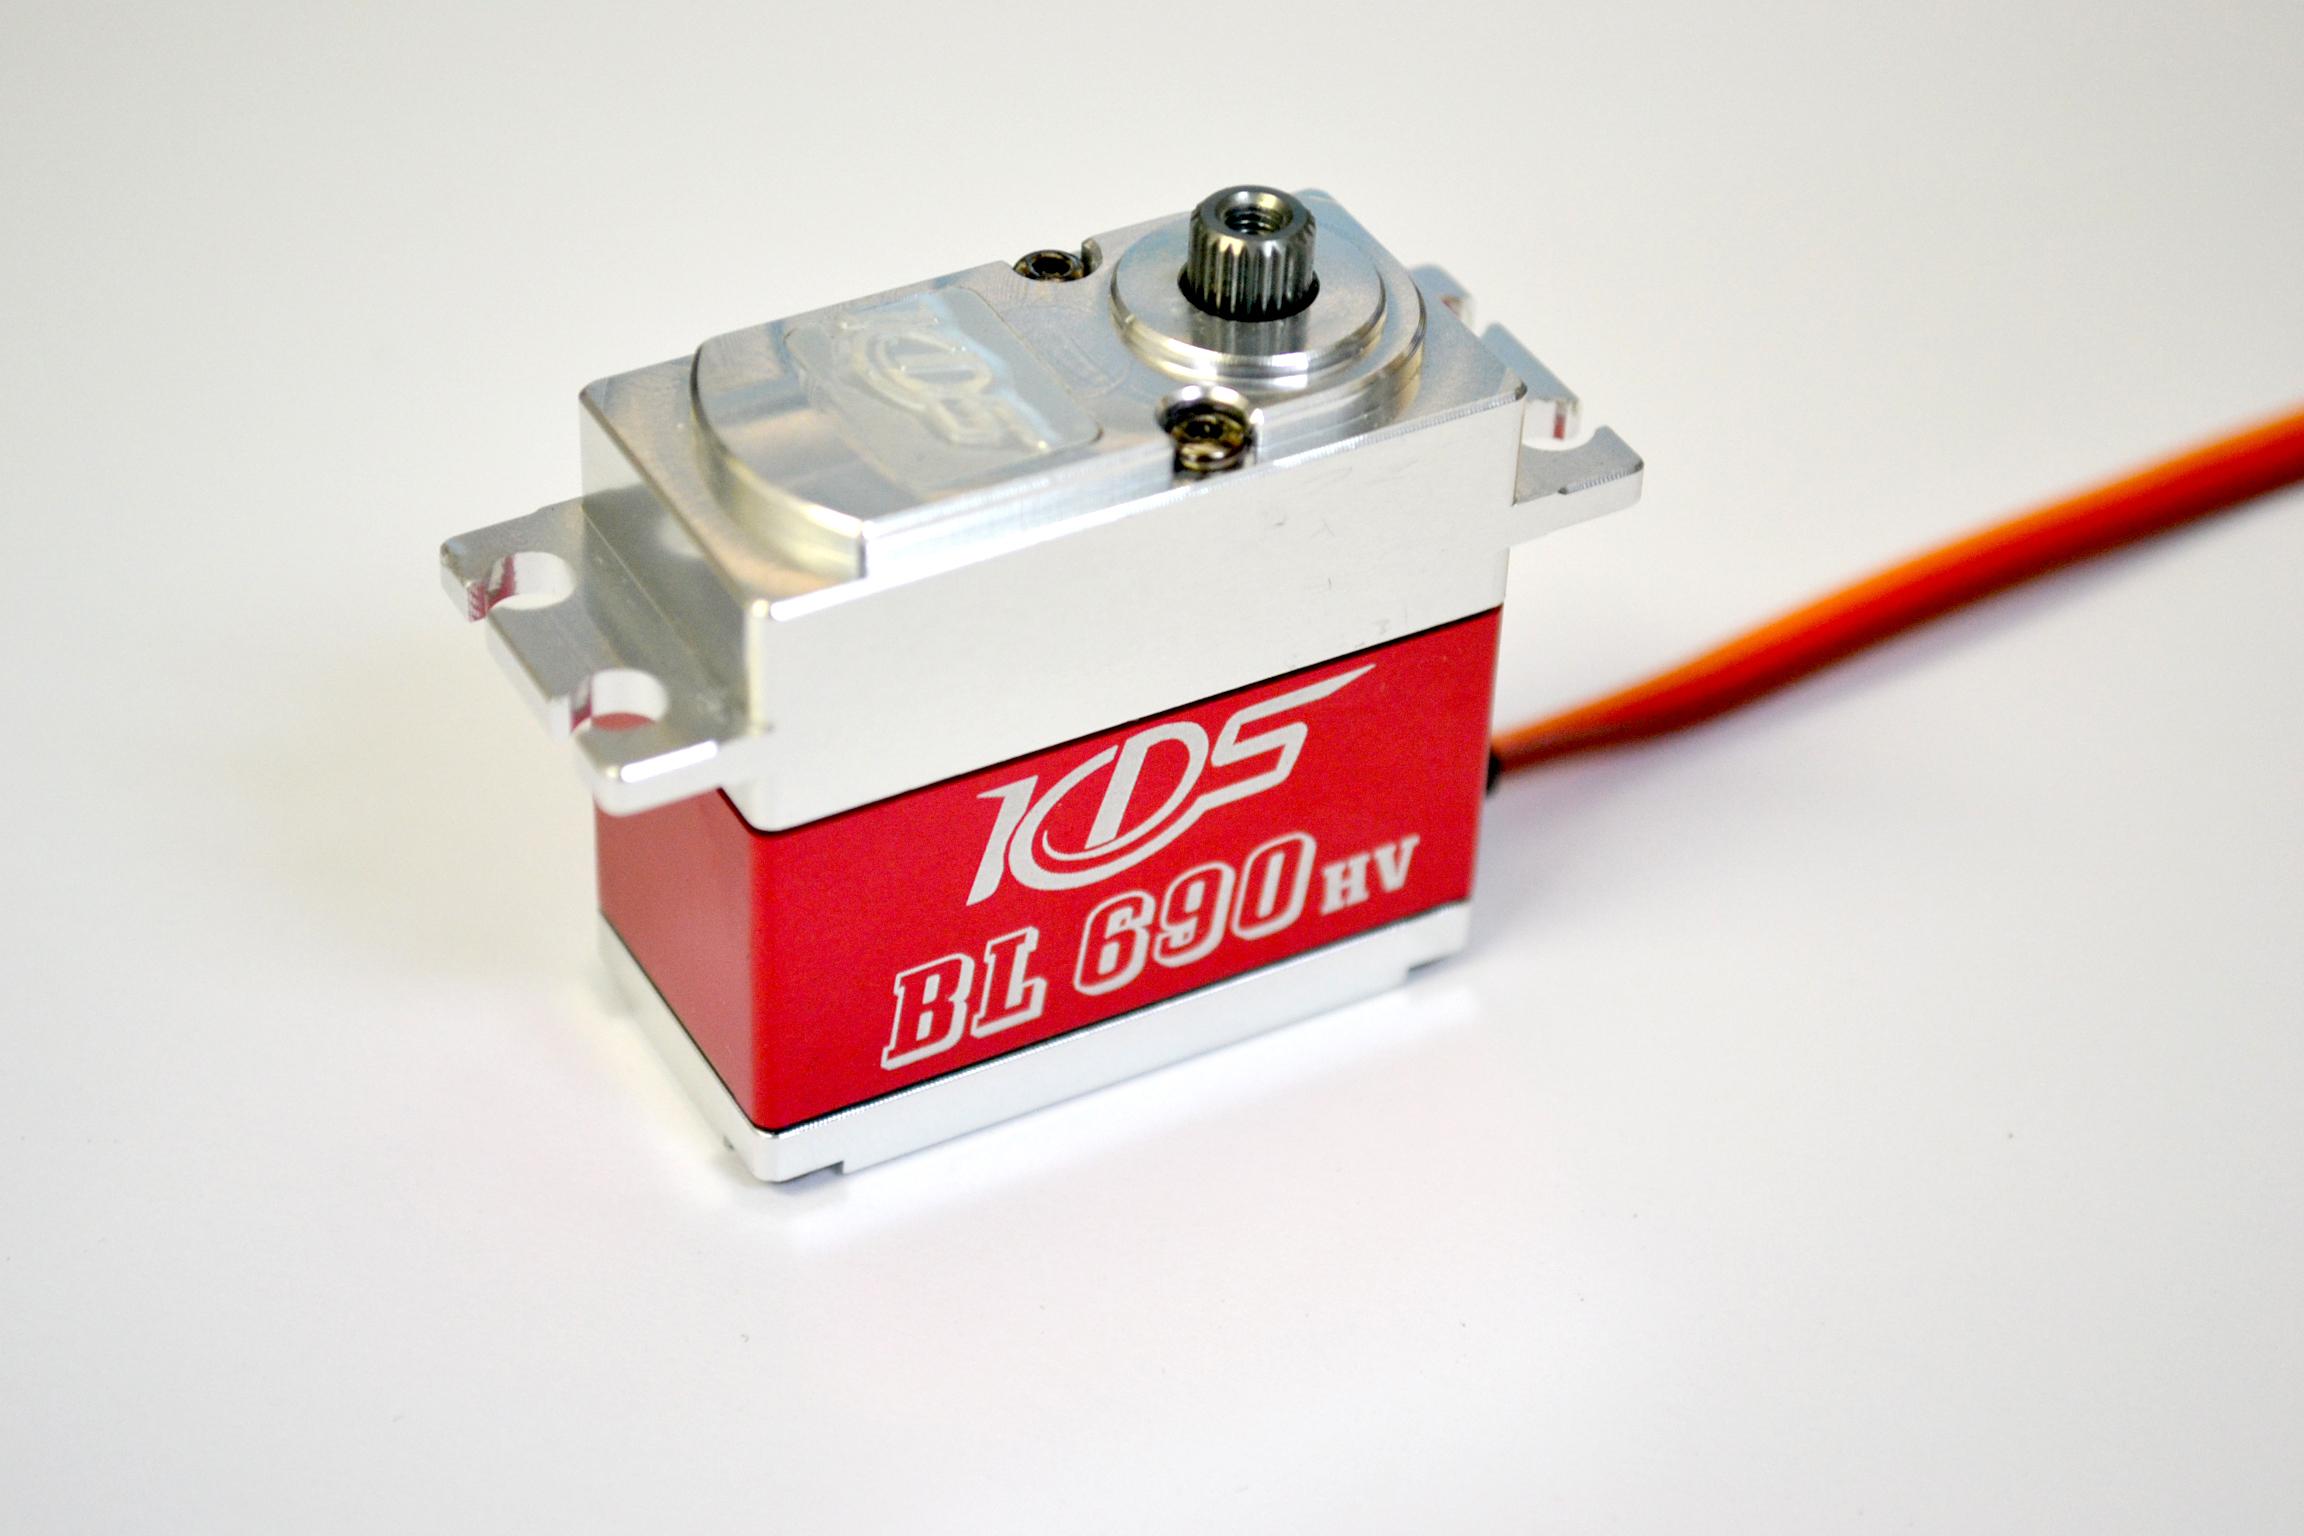 2004-15 KDS BL690HV ブラシレスデジタルサーボ